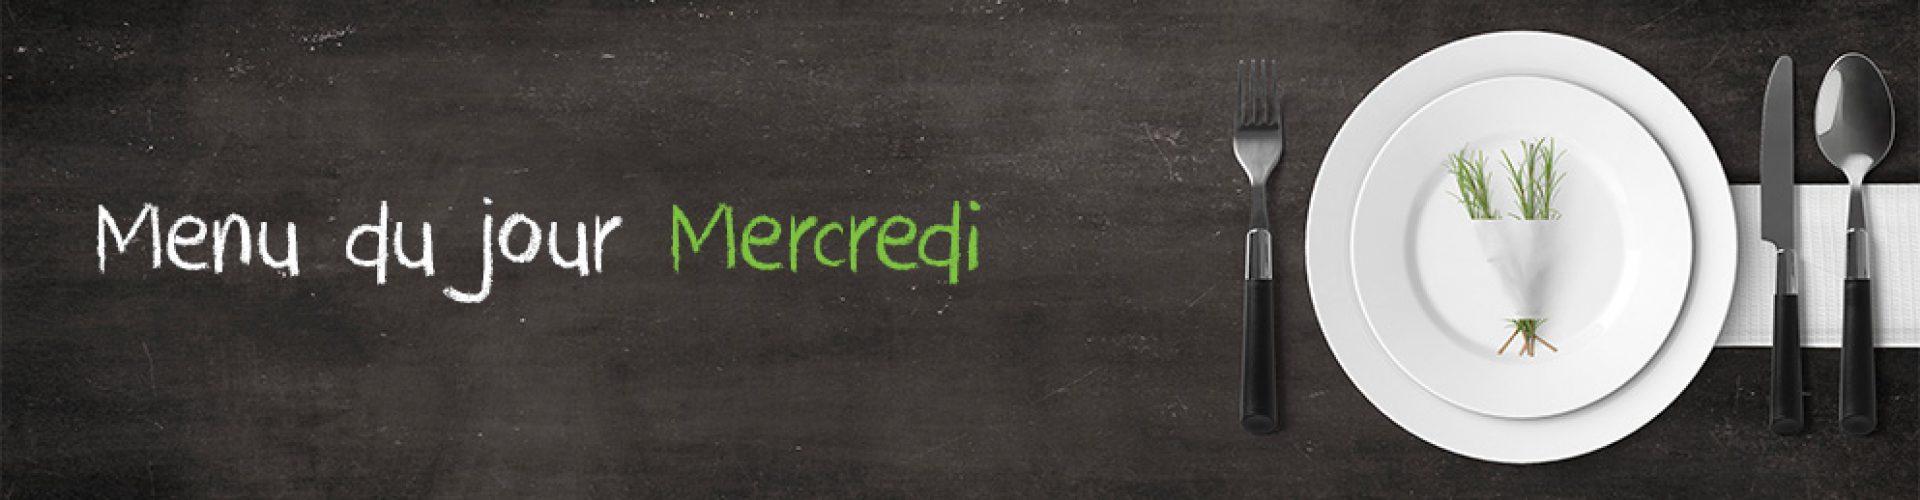 jordan-menu-mercredi-big